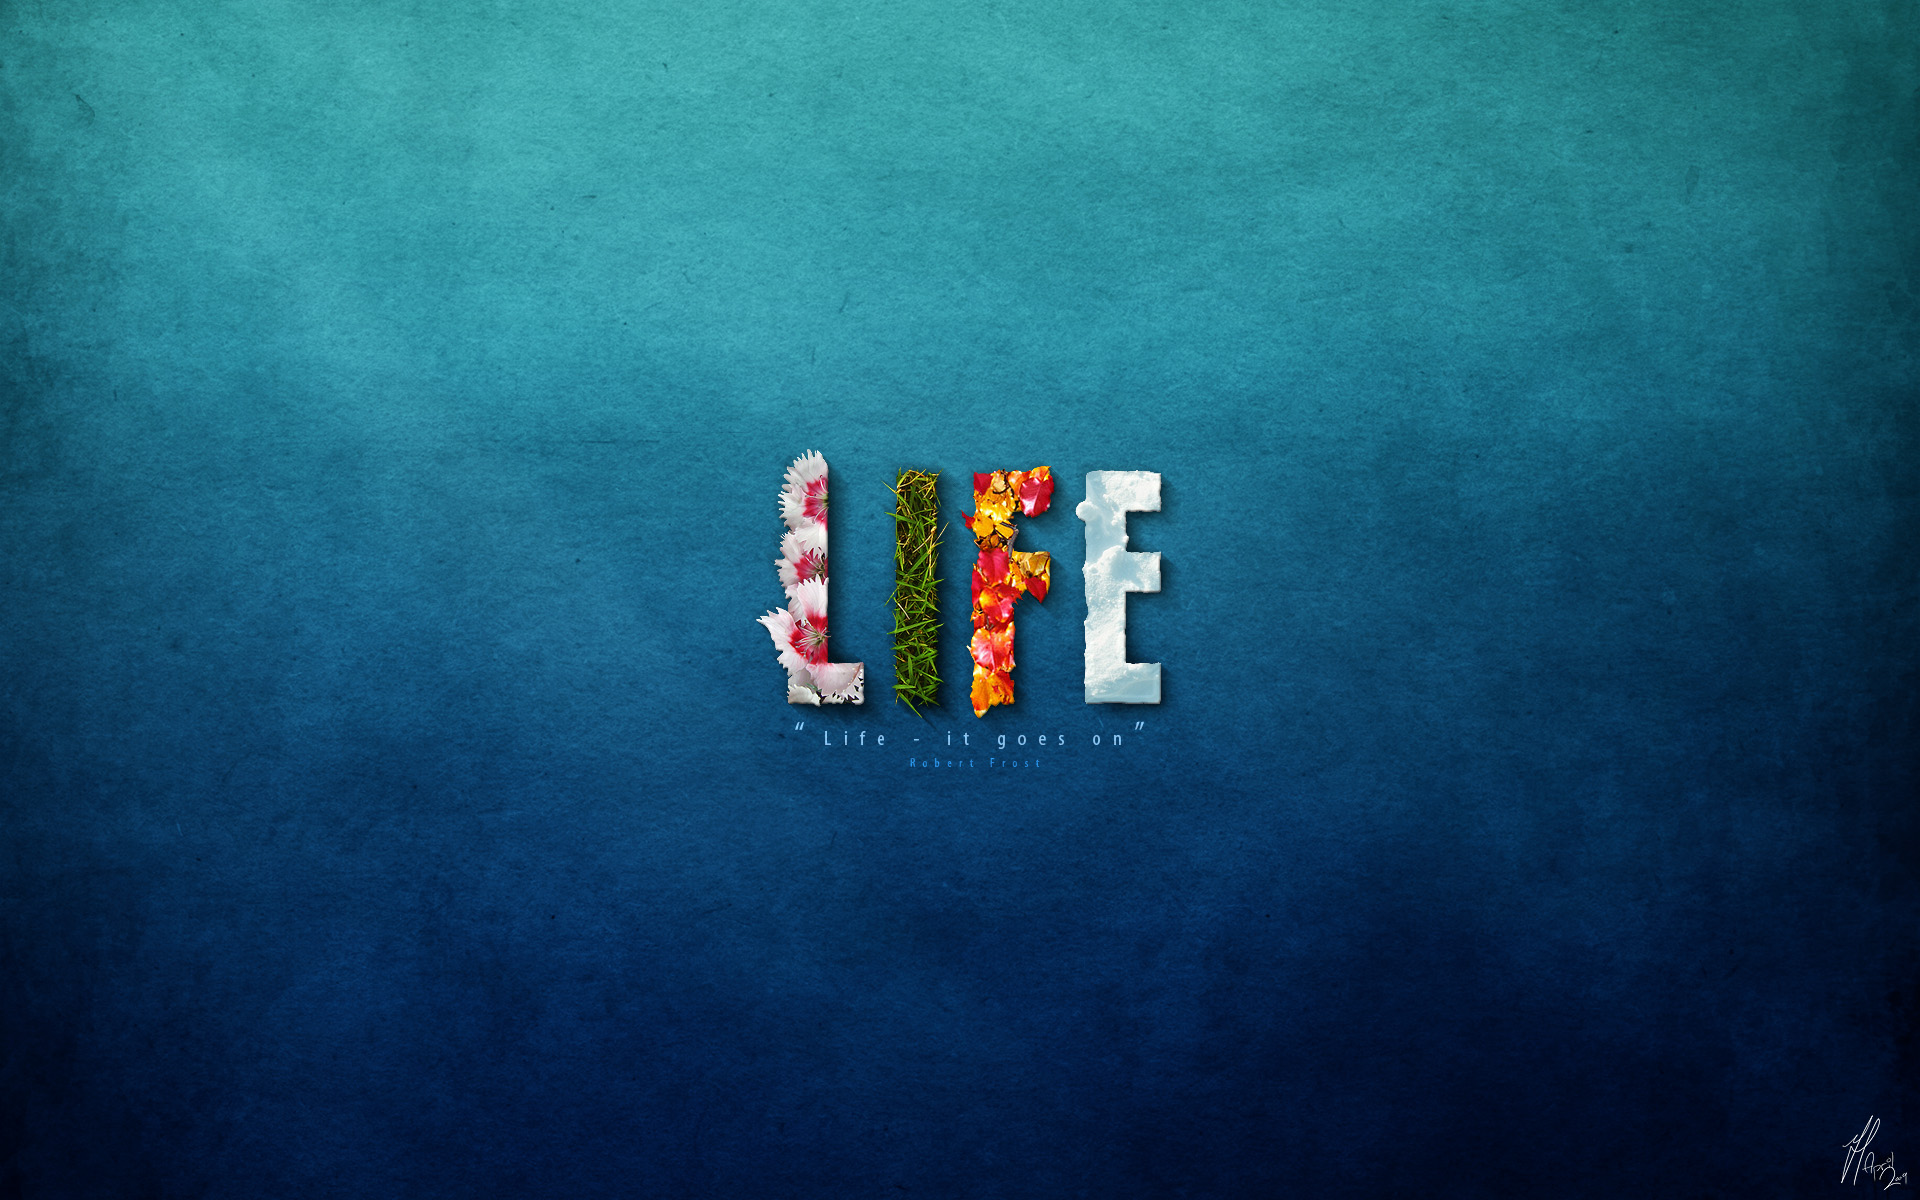 Life by mushir 1920x1200